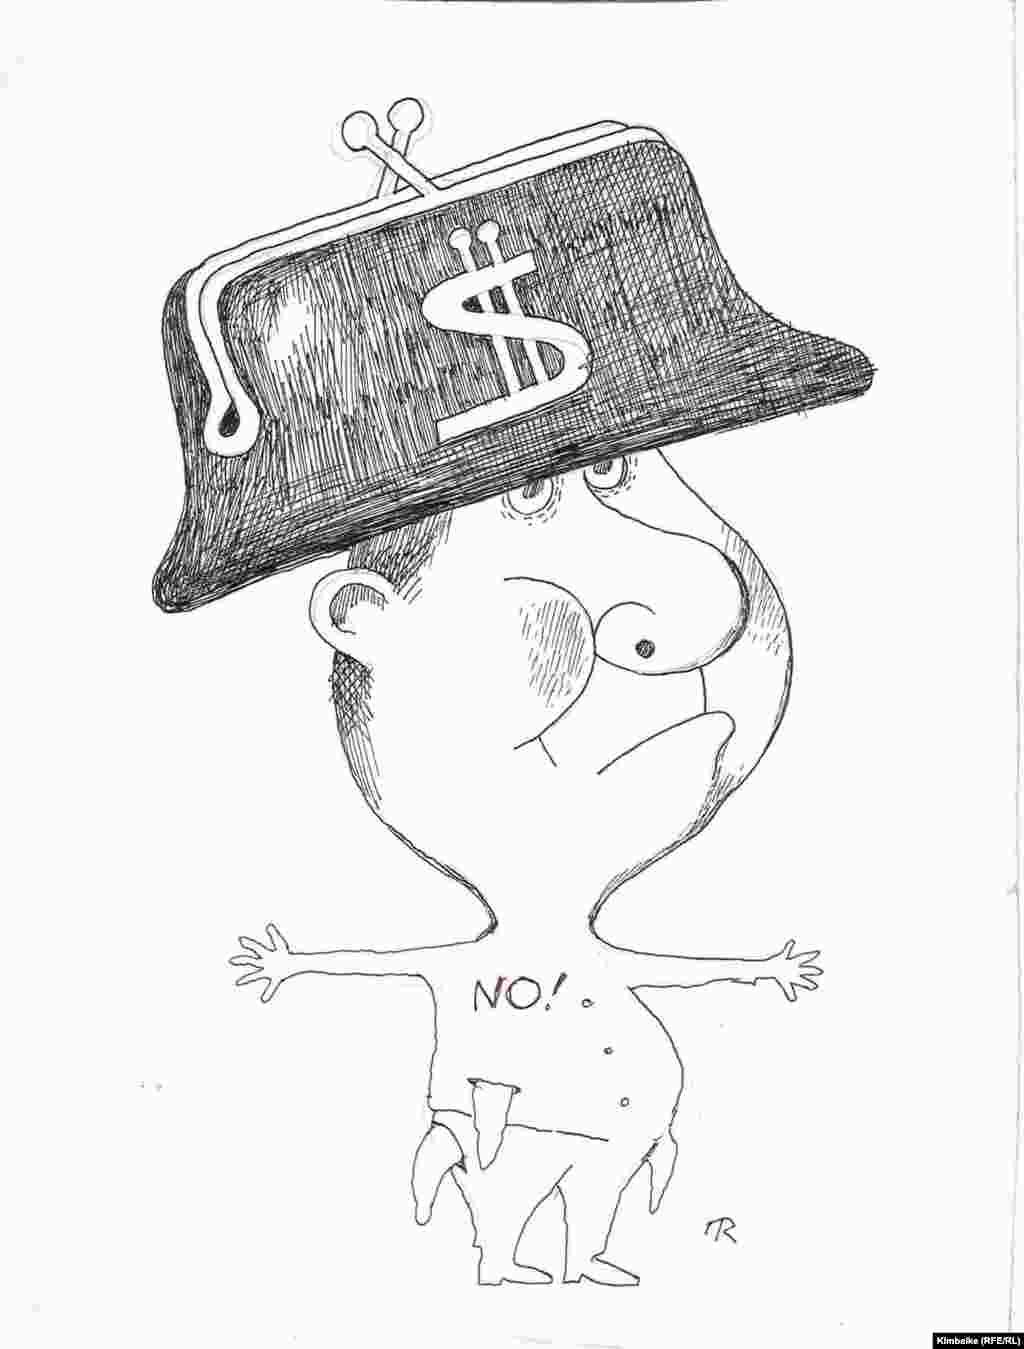 """Кийгени """"кундуз"""" тебетей, адаты - """"жок"""" деп тил эмизмей. """"Азаттык үналгысы"""". TKy. 23.07.2011. - Киреше бербес кайрымдуулуктан жаа бою качкан """"жаңы кыргыз""""."""